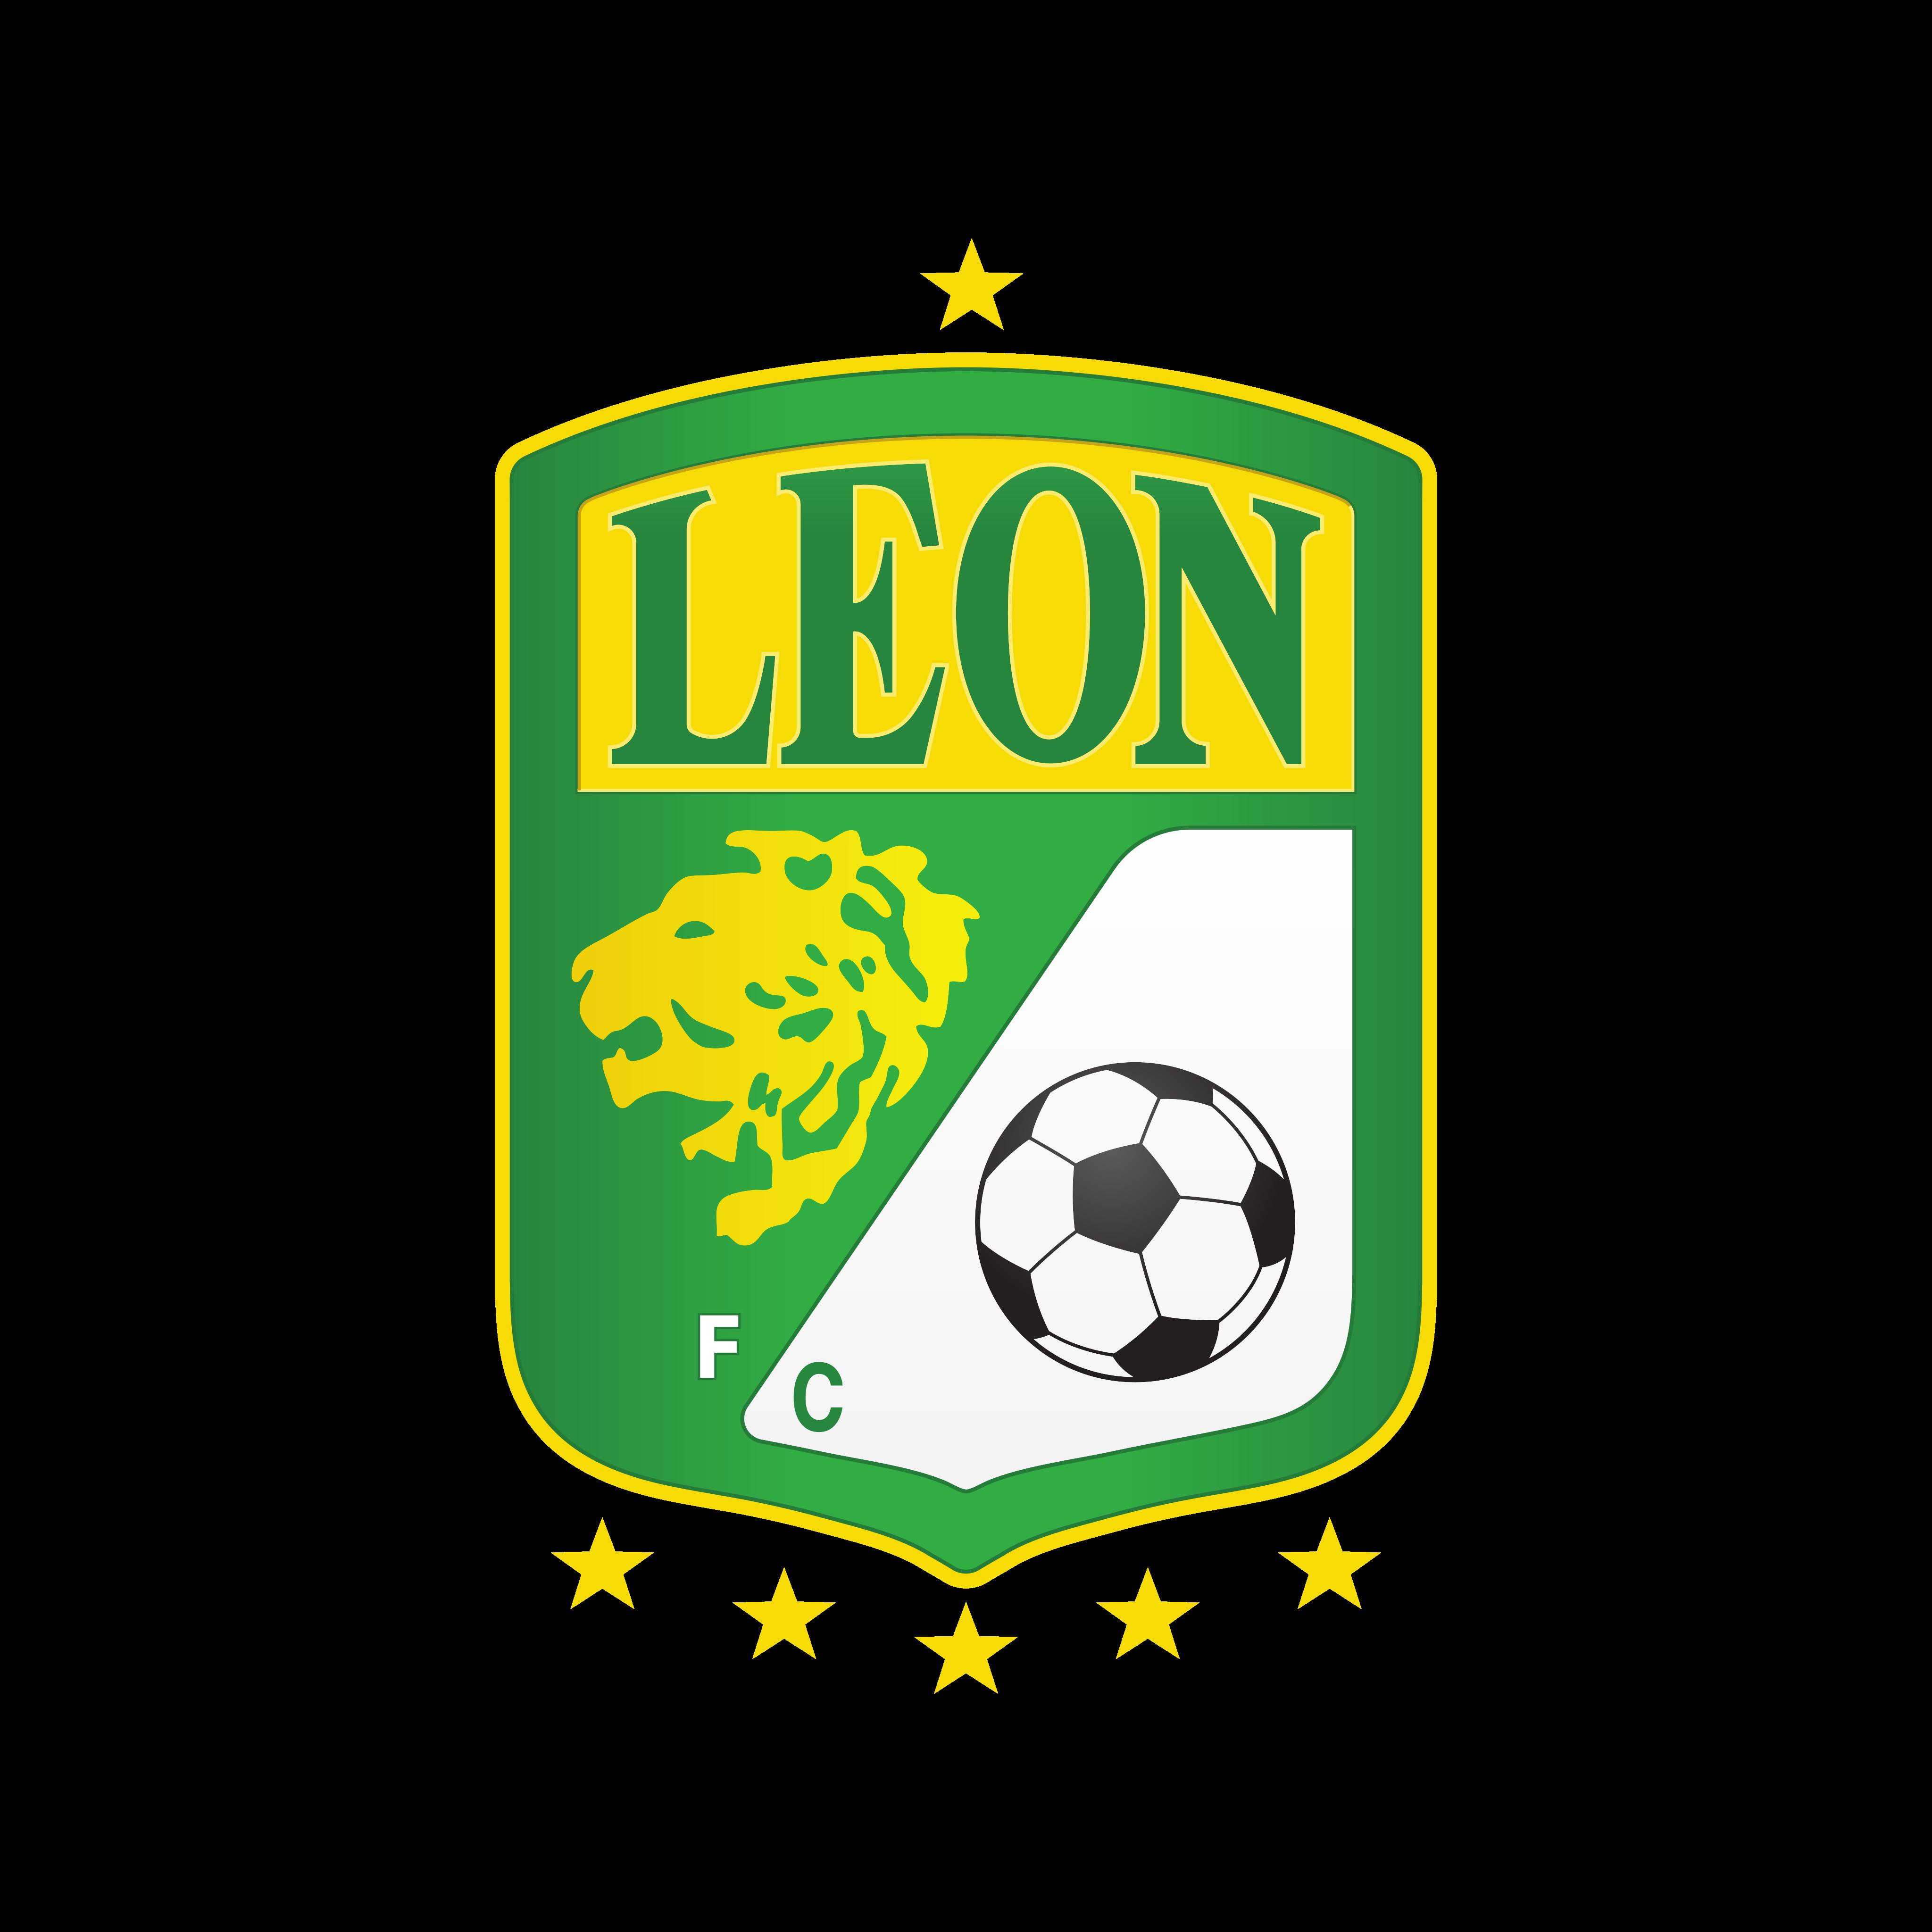 club leon logo 0 - Club León Logo - Escudo